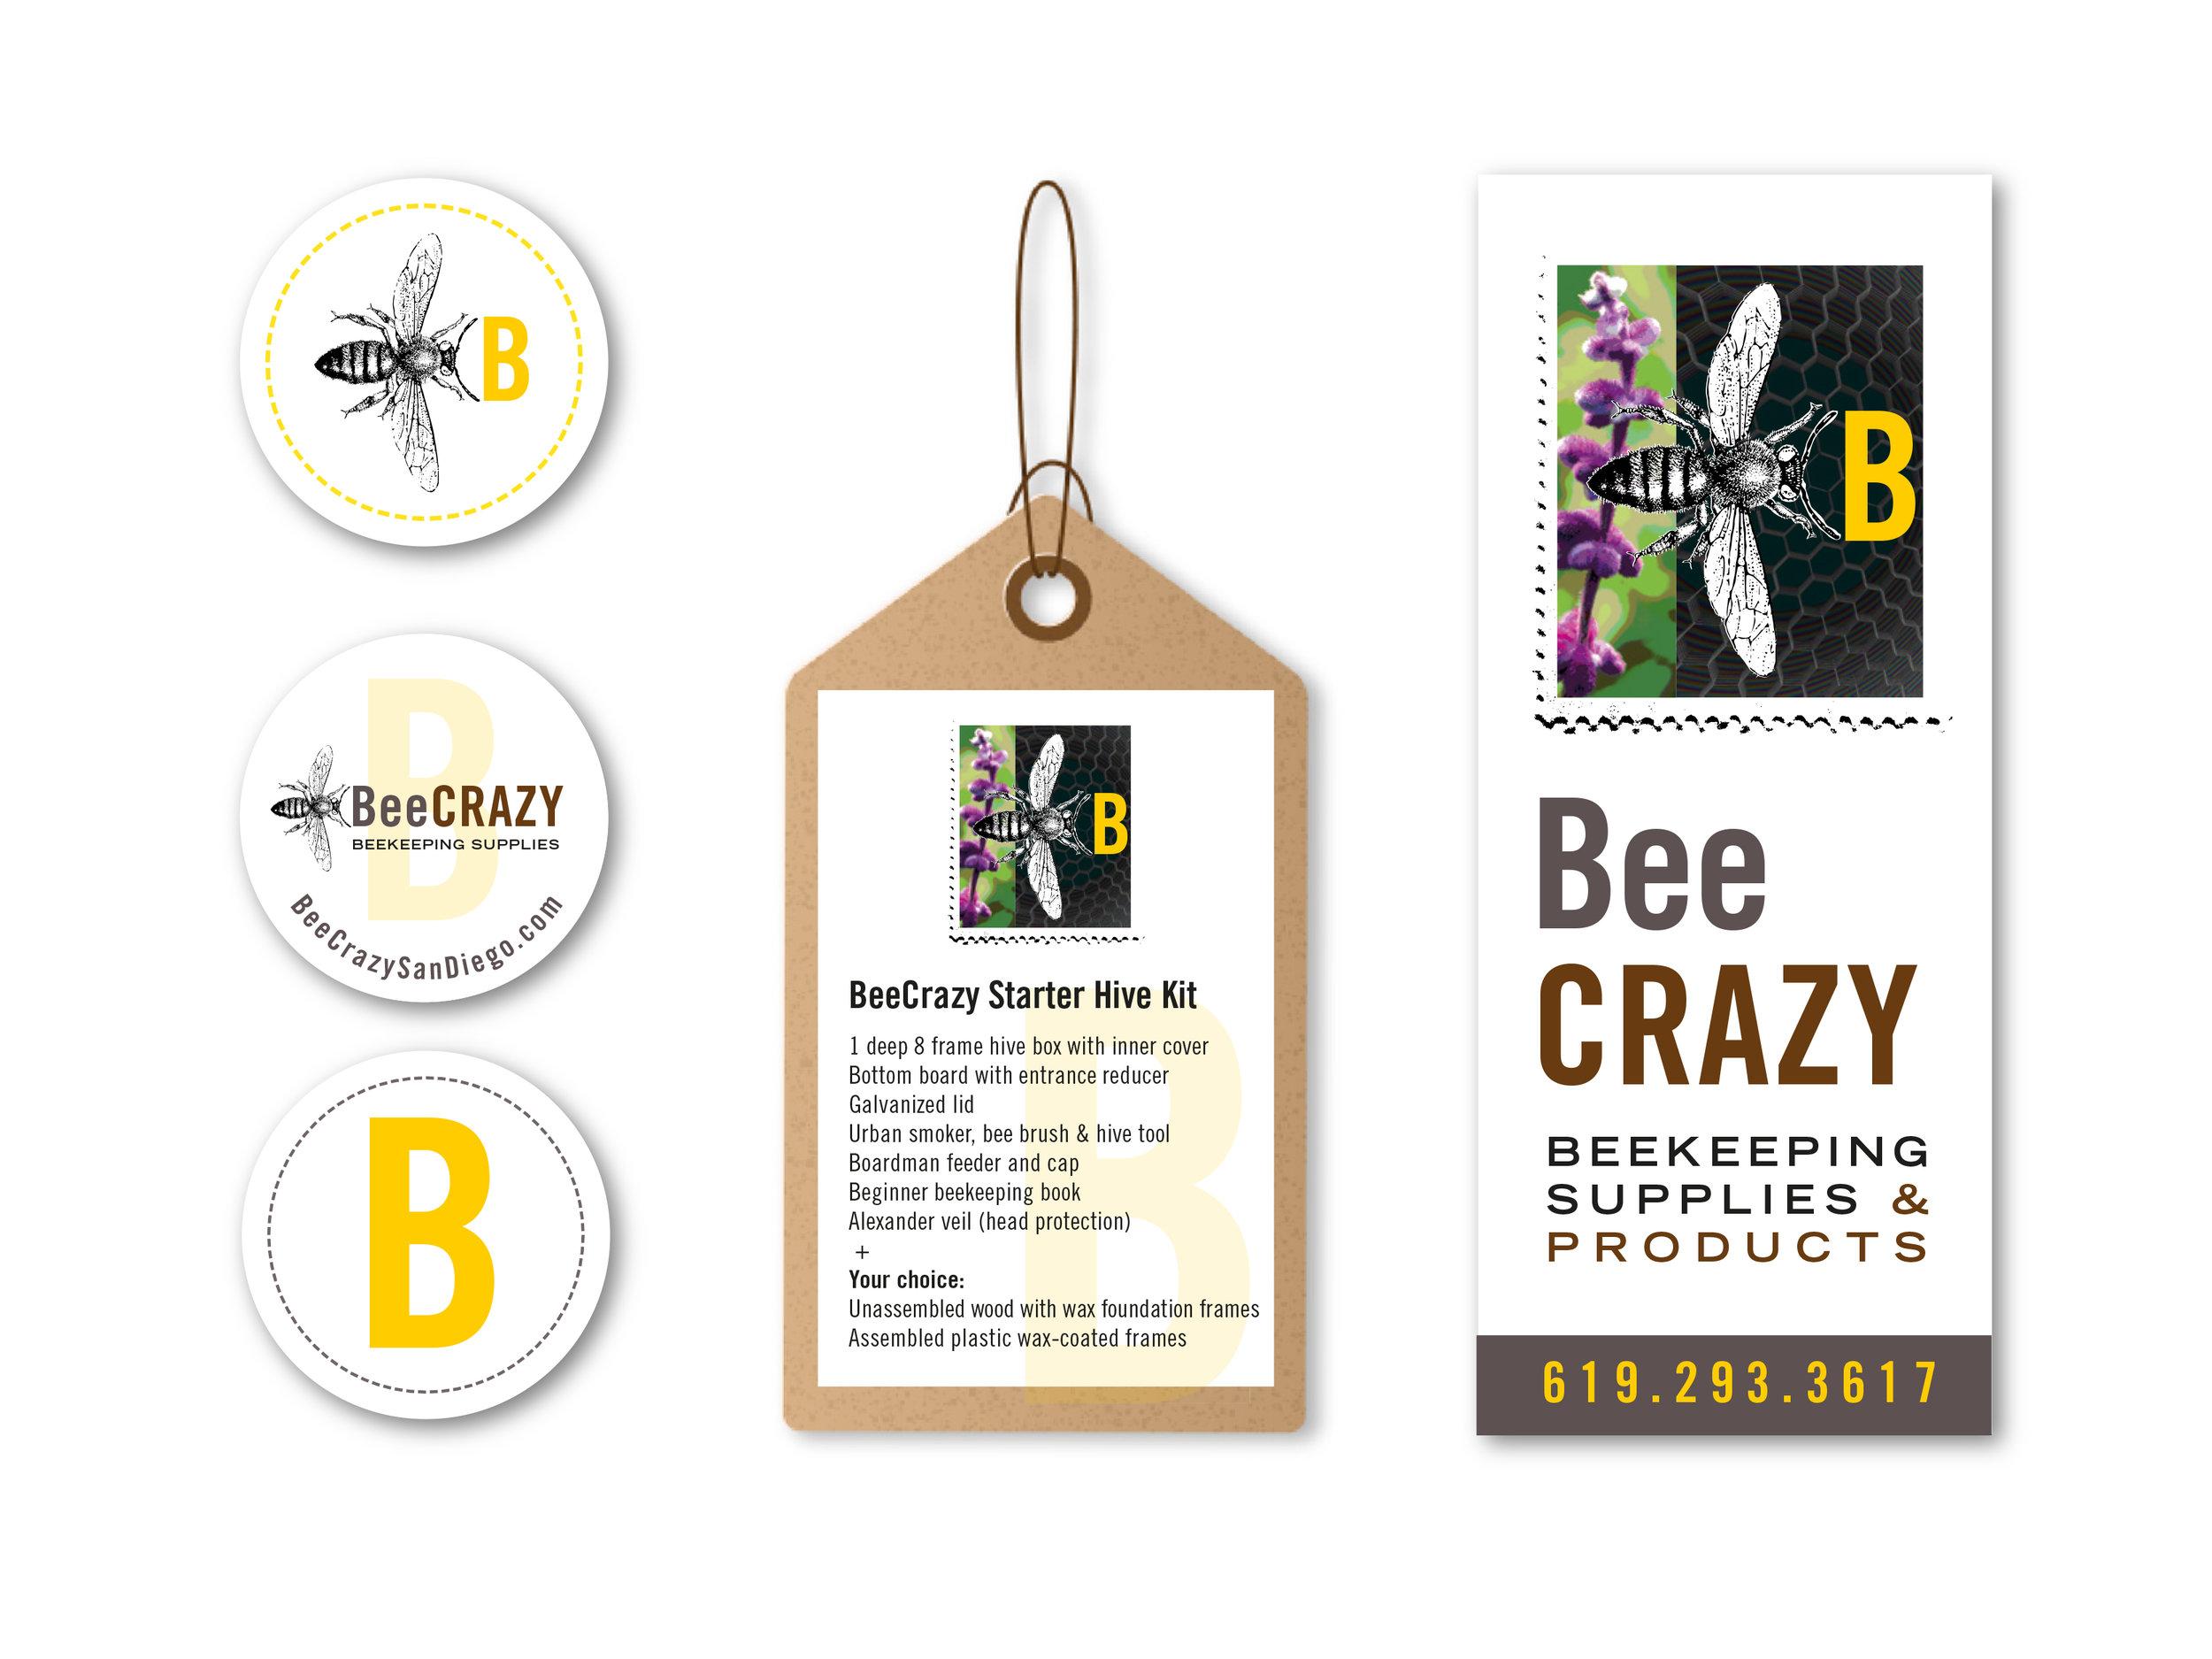 BeeCrazy-stickers&tag.jpg